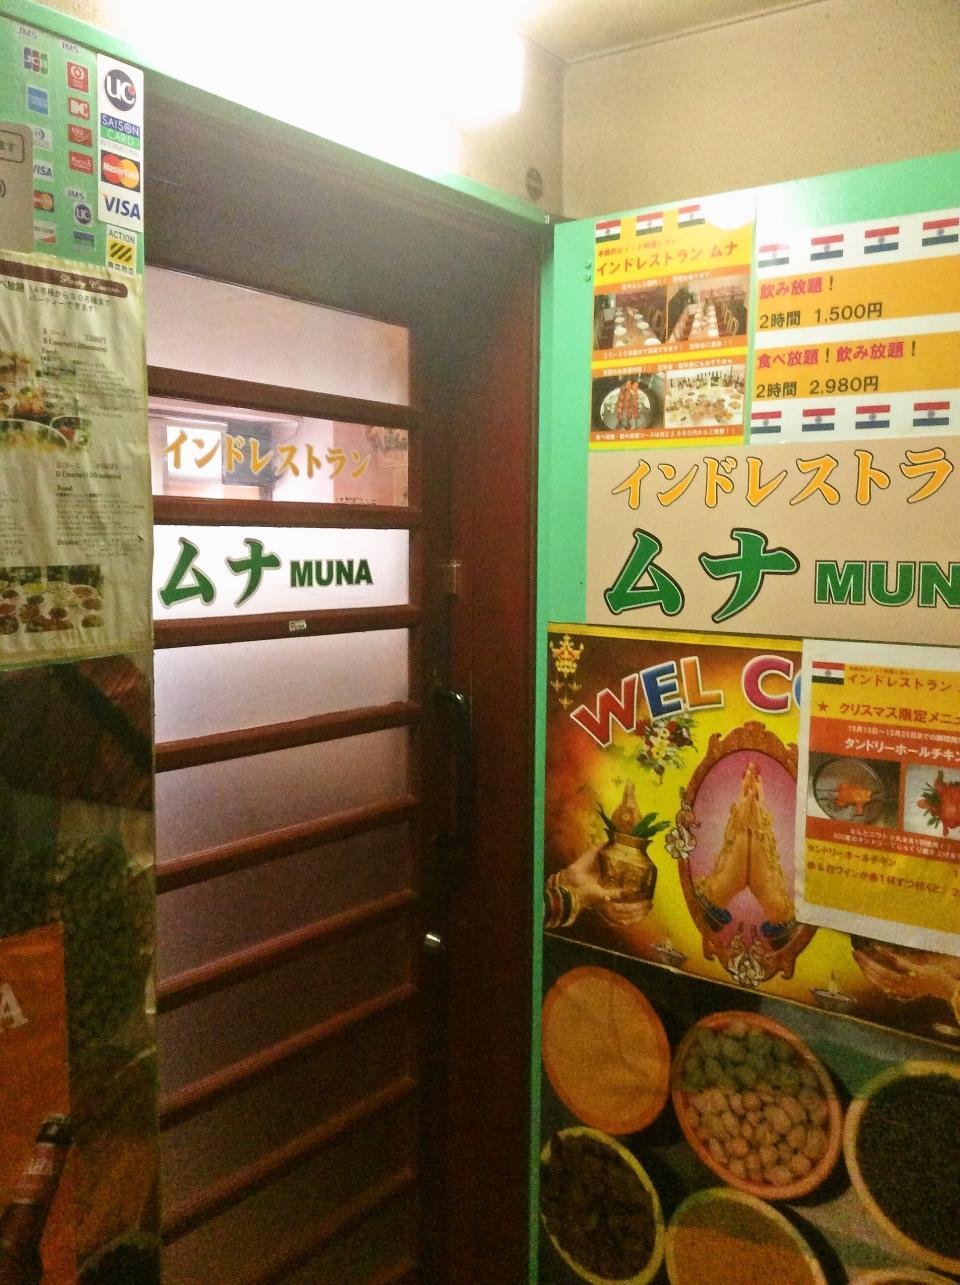 ムナ(店舗)